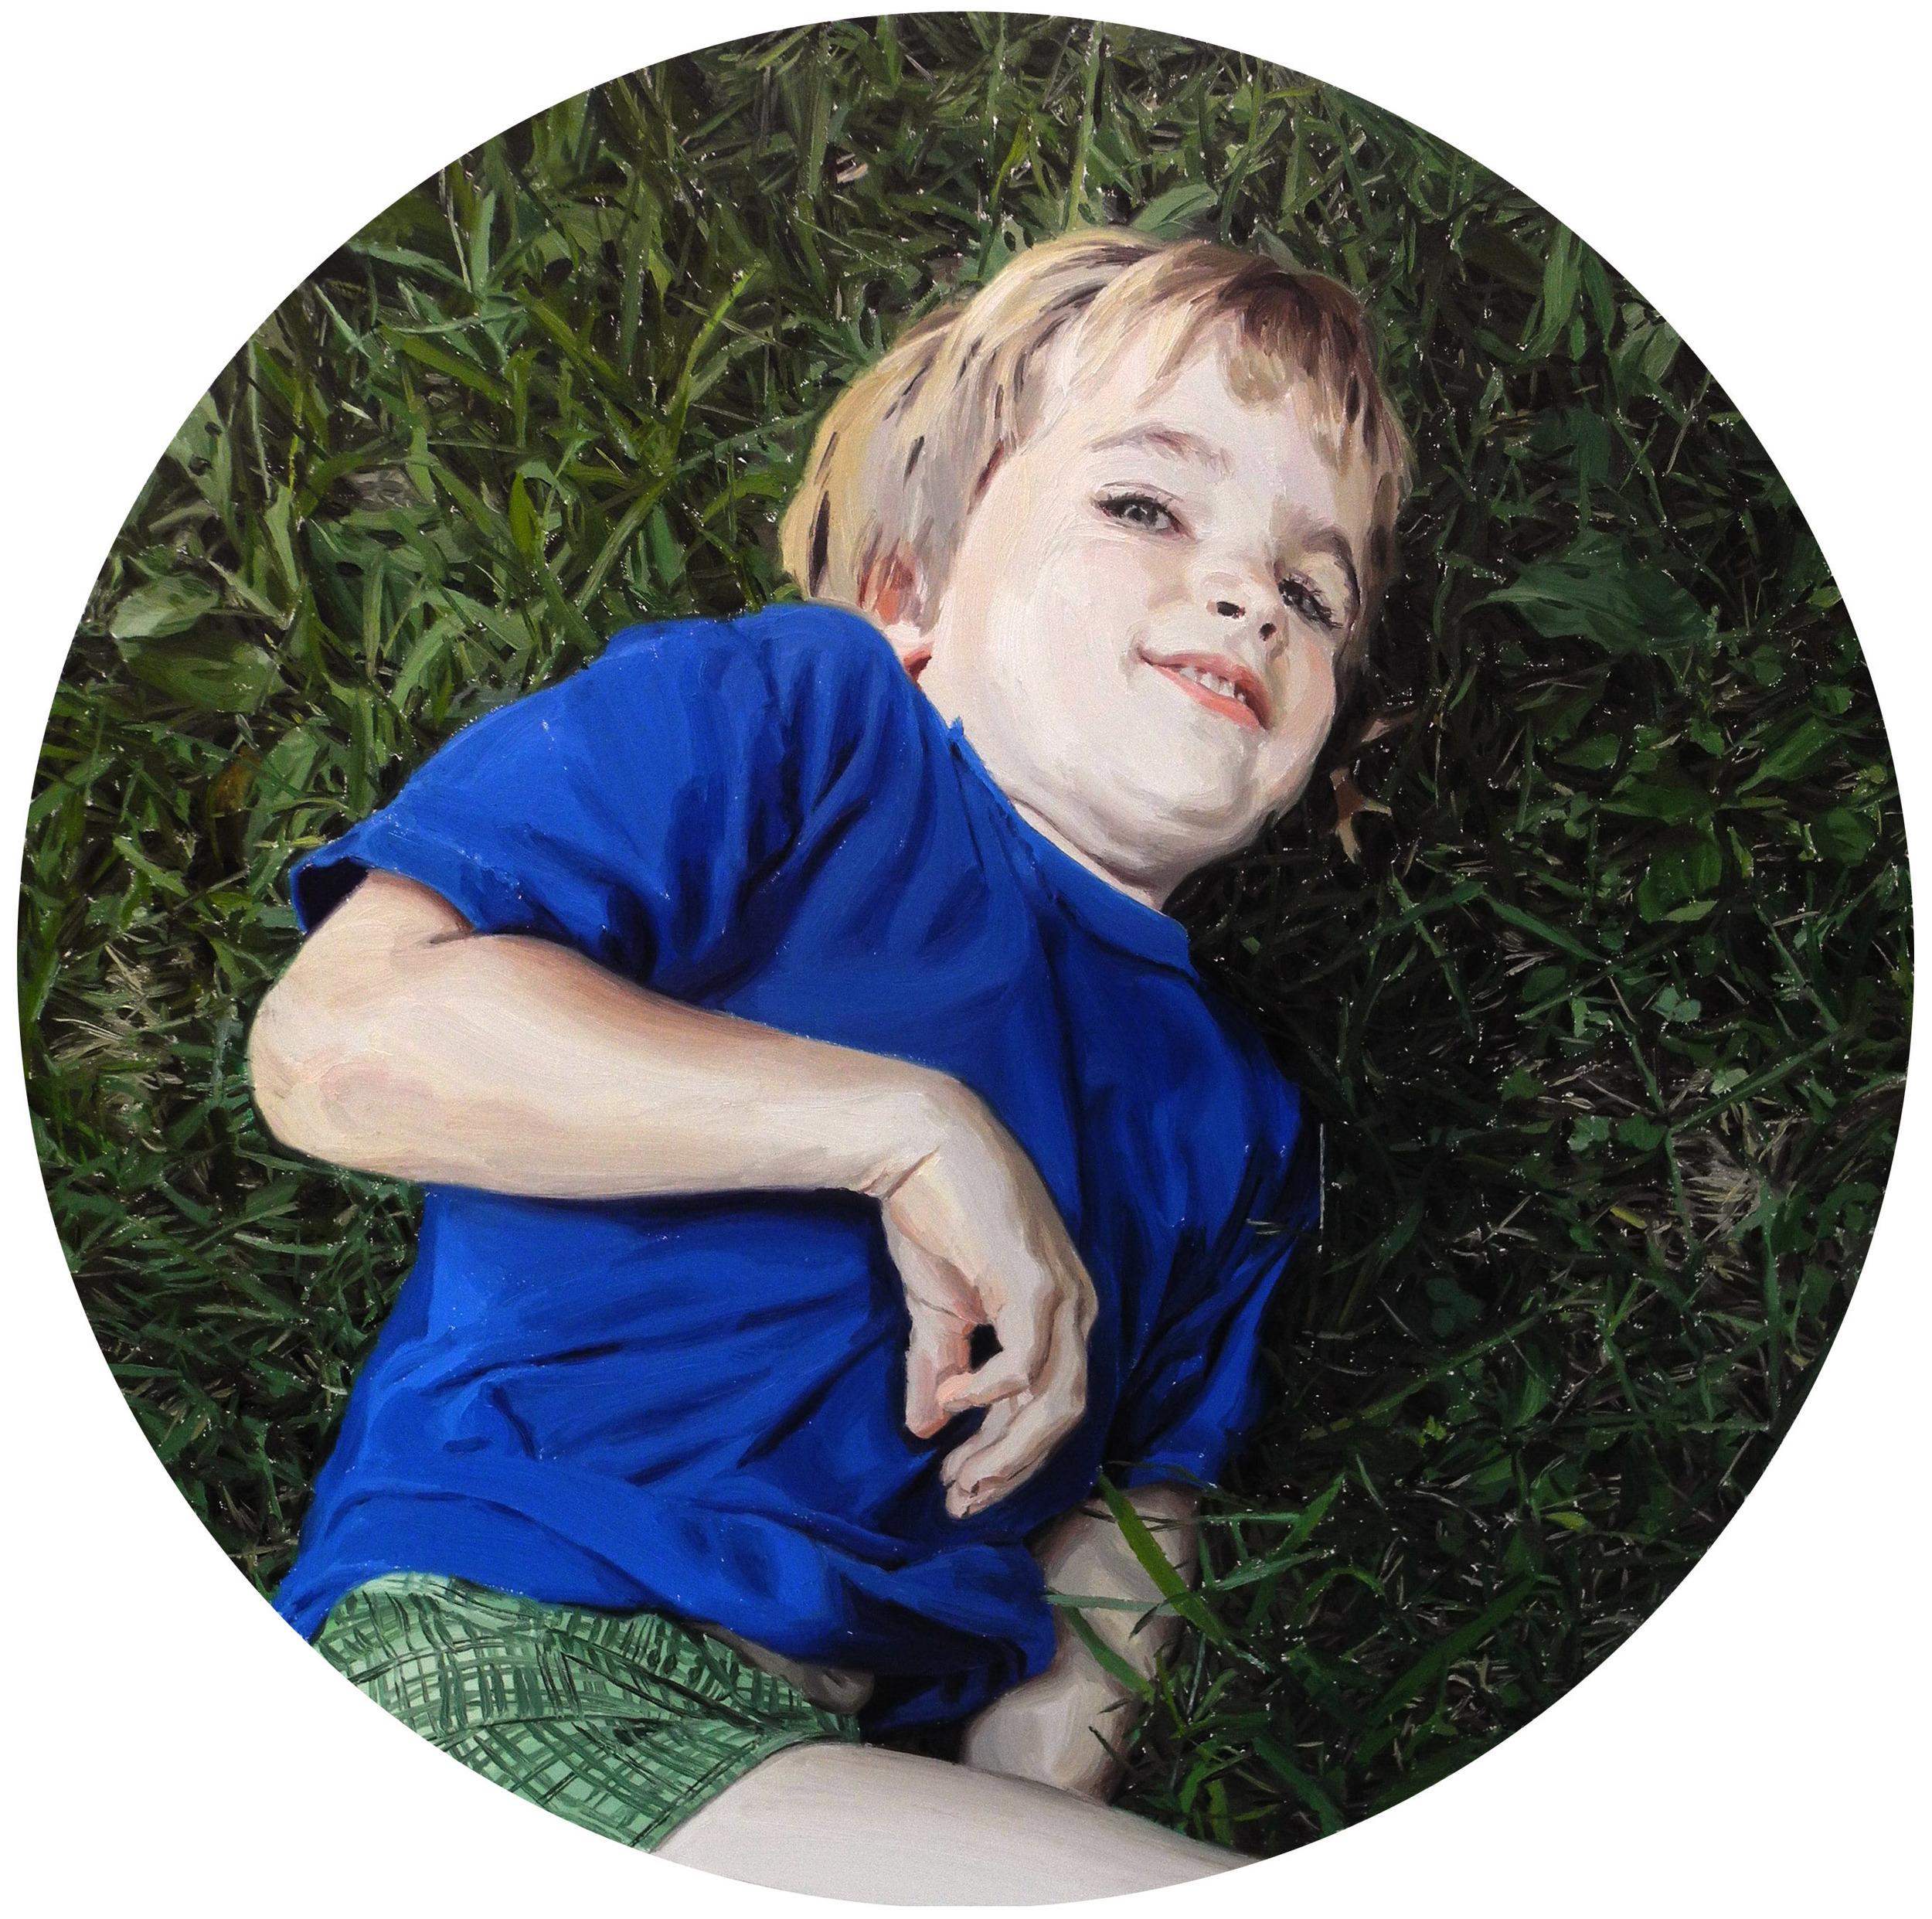 BOY LYING IN GRASS